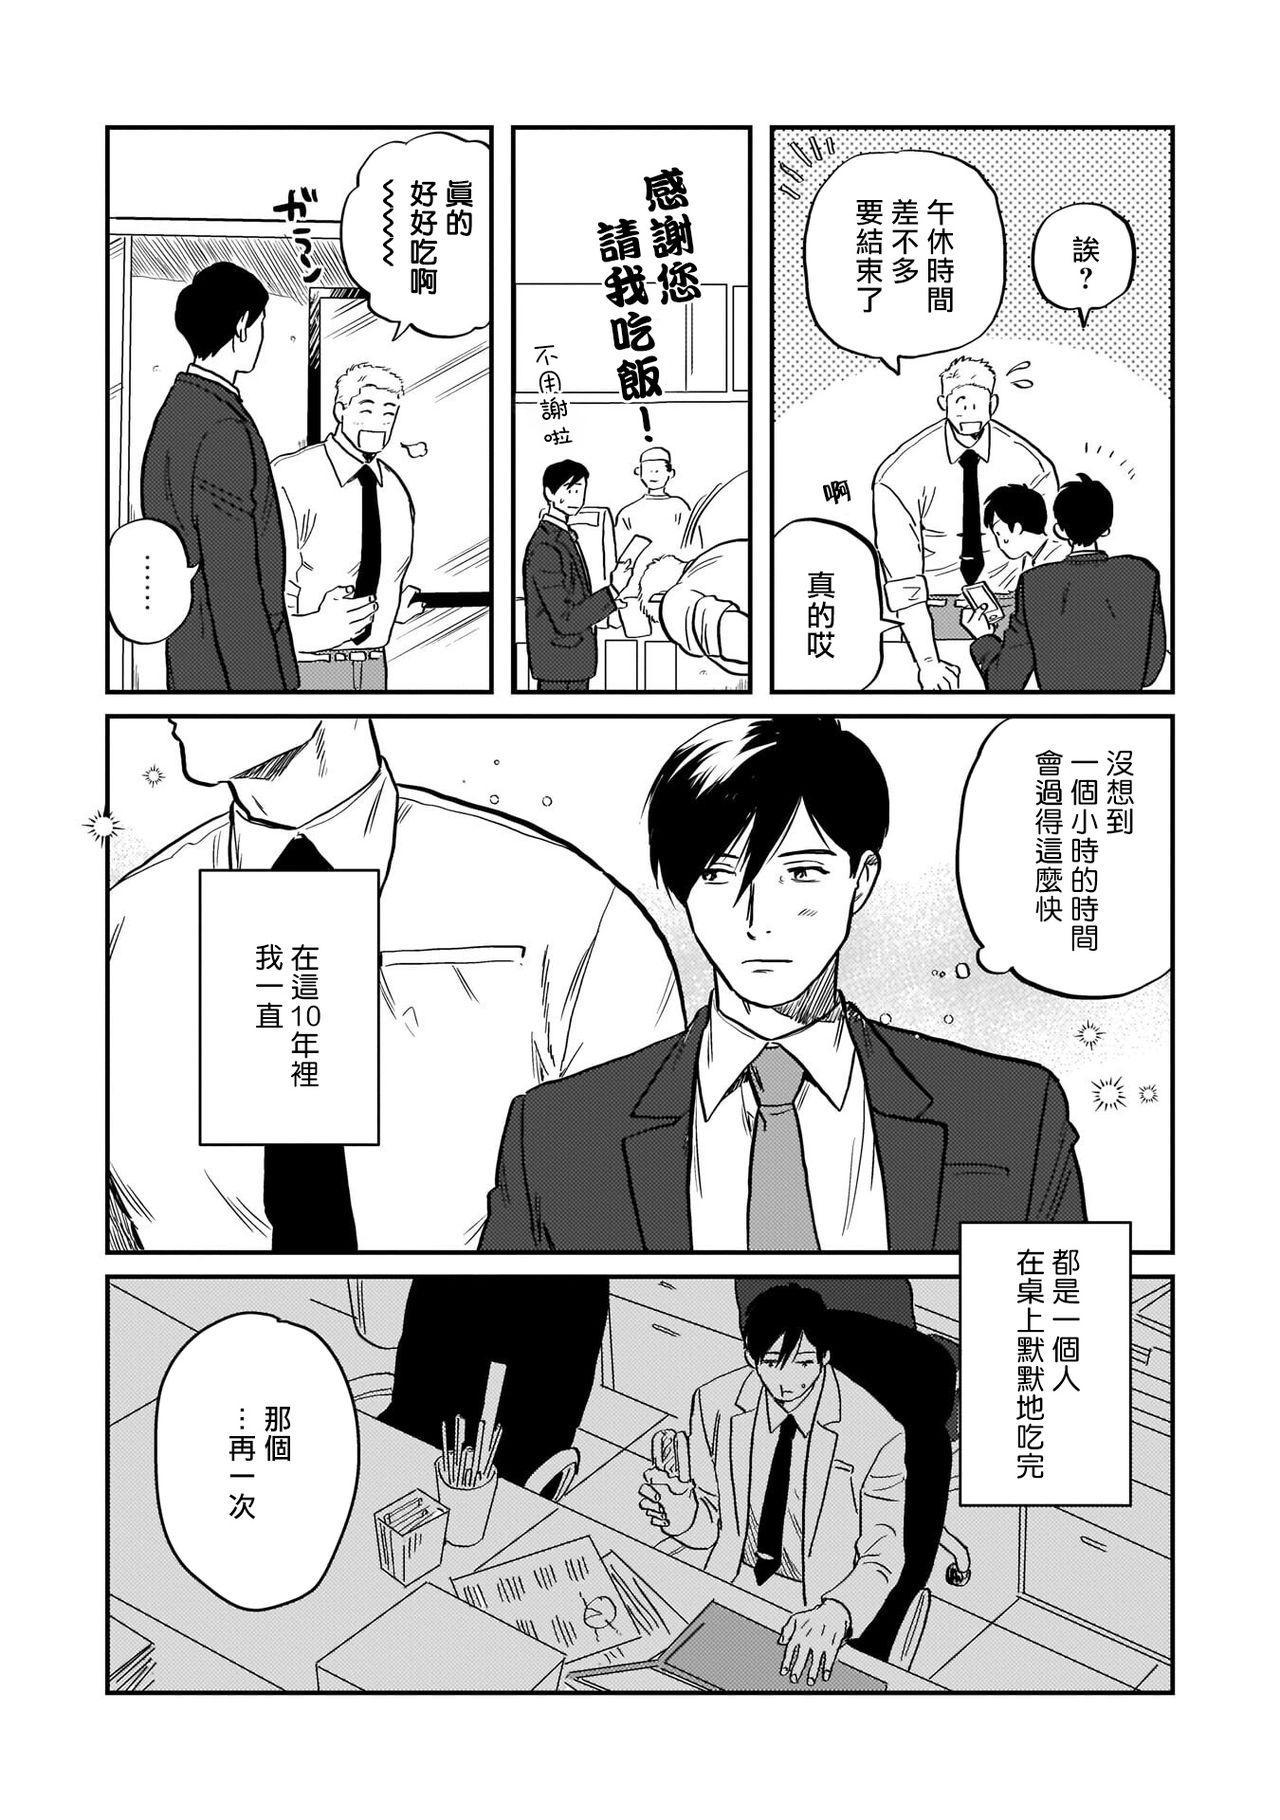 Kouhai no Oppai ga Suki Sugiru | 我太喜欢后辈的奶子了 Ch. 1-2 20